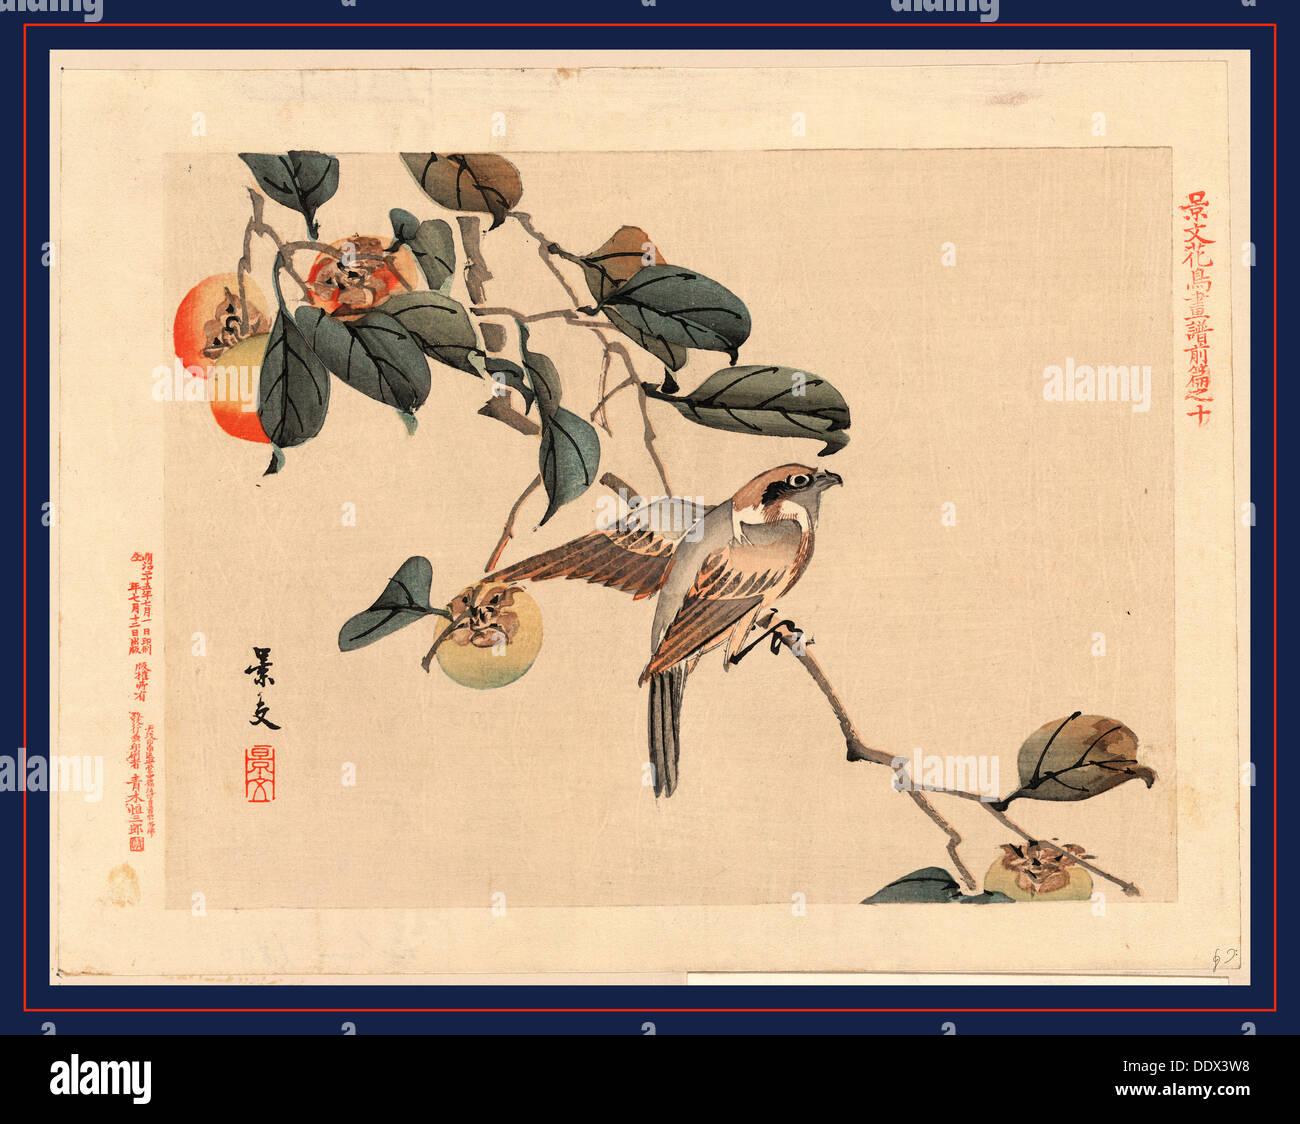 Pas Zenpen ju, page 10. 1892., 1: impression gravure sur bois, couleur; 20,9 x 27,3 cm., indique un oiseau perché sur une branche à persimmon Photo Stock